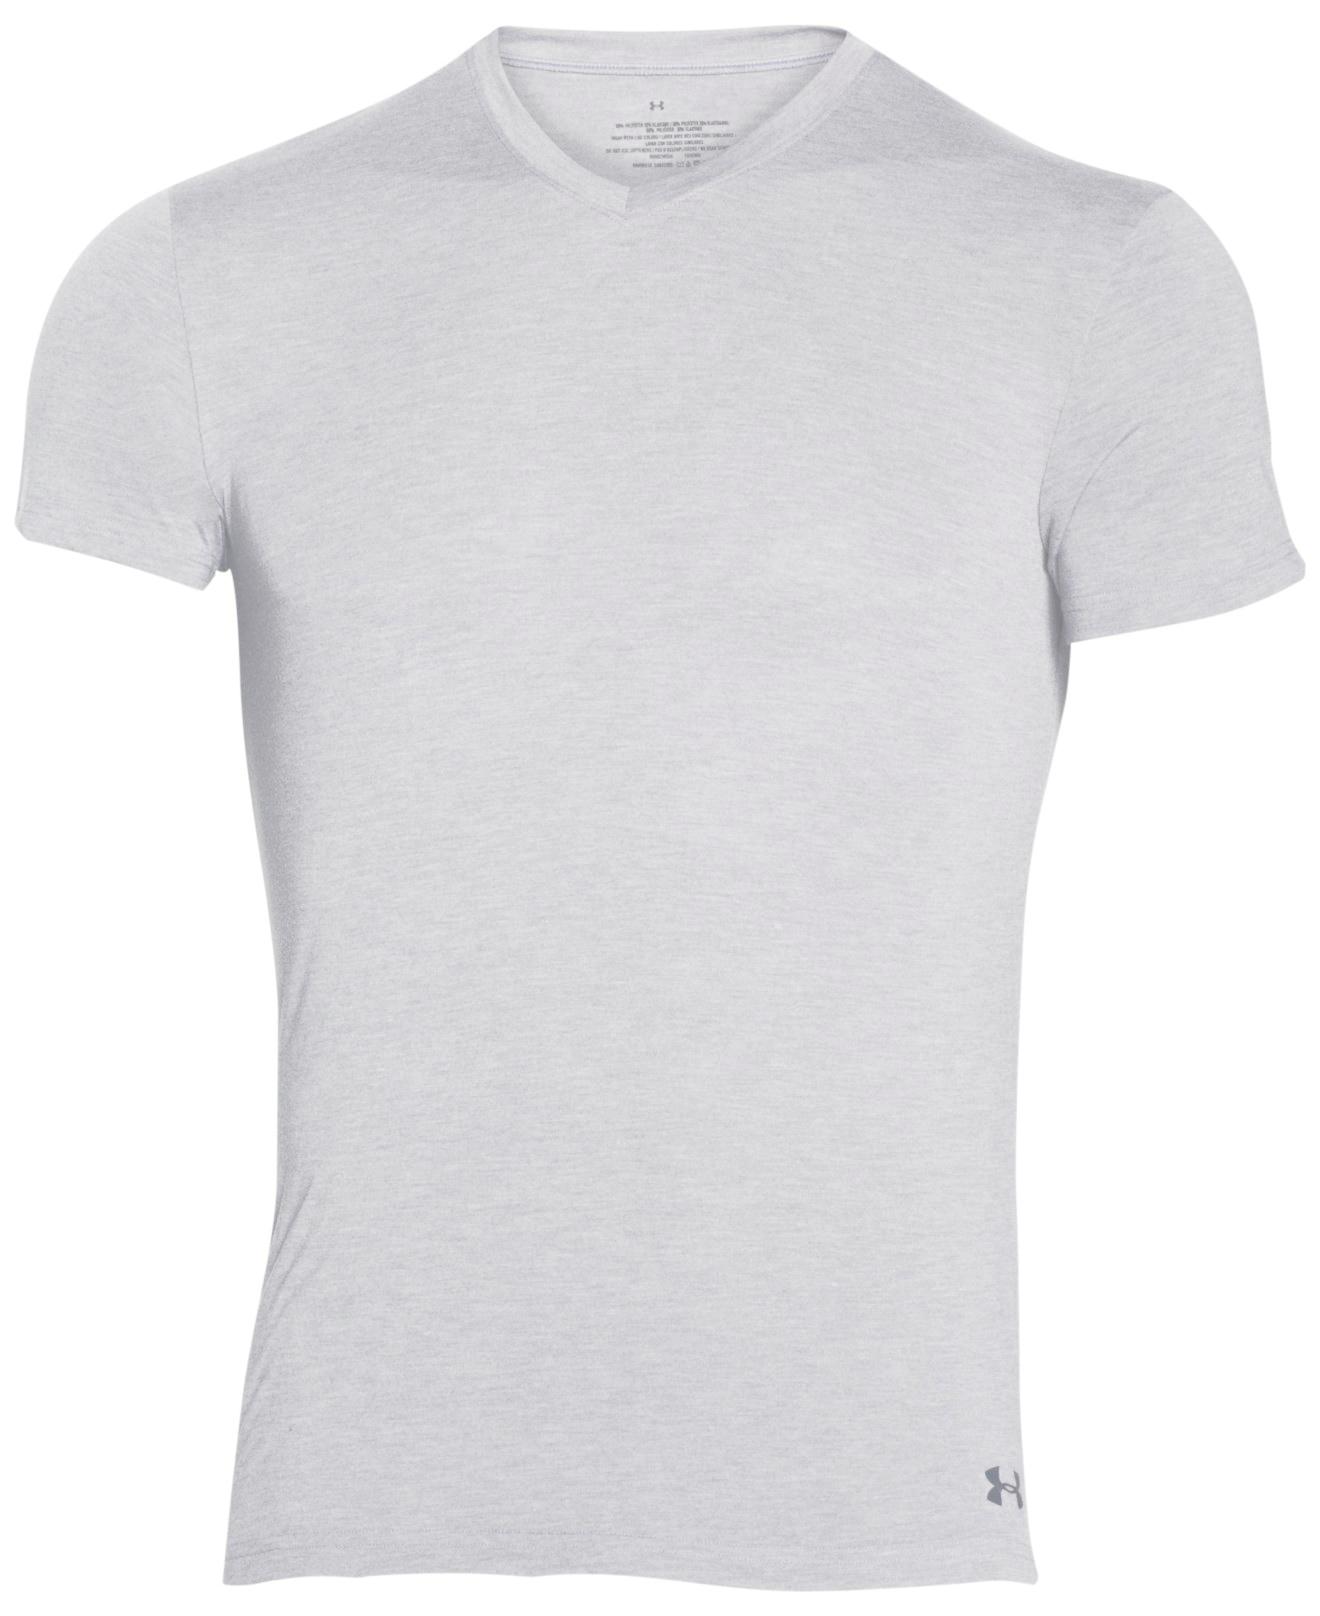 Under Armour Men 39 S V Neck T Shirt In Gray For Men Lyst